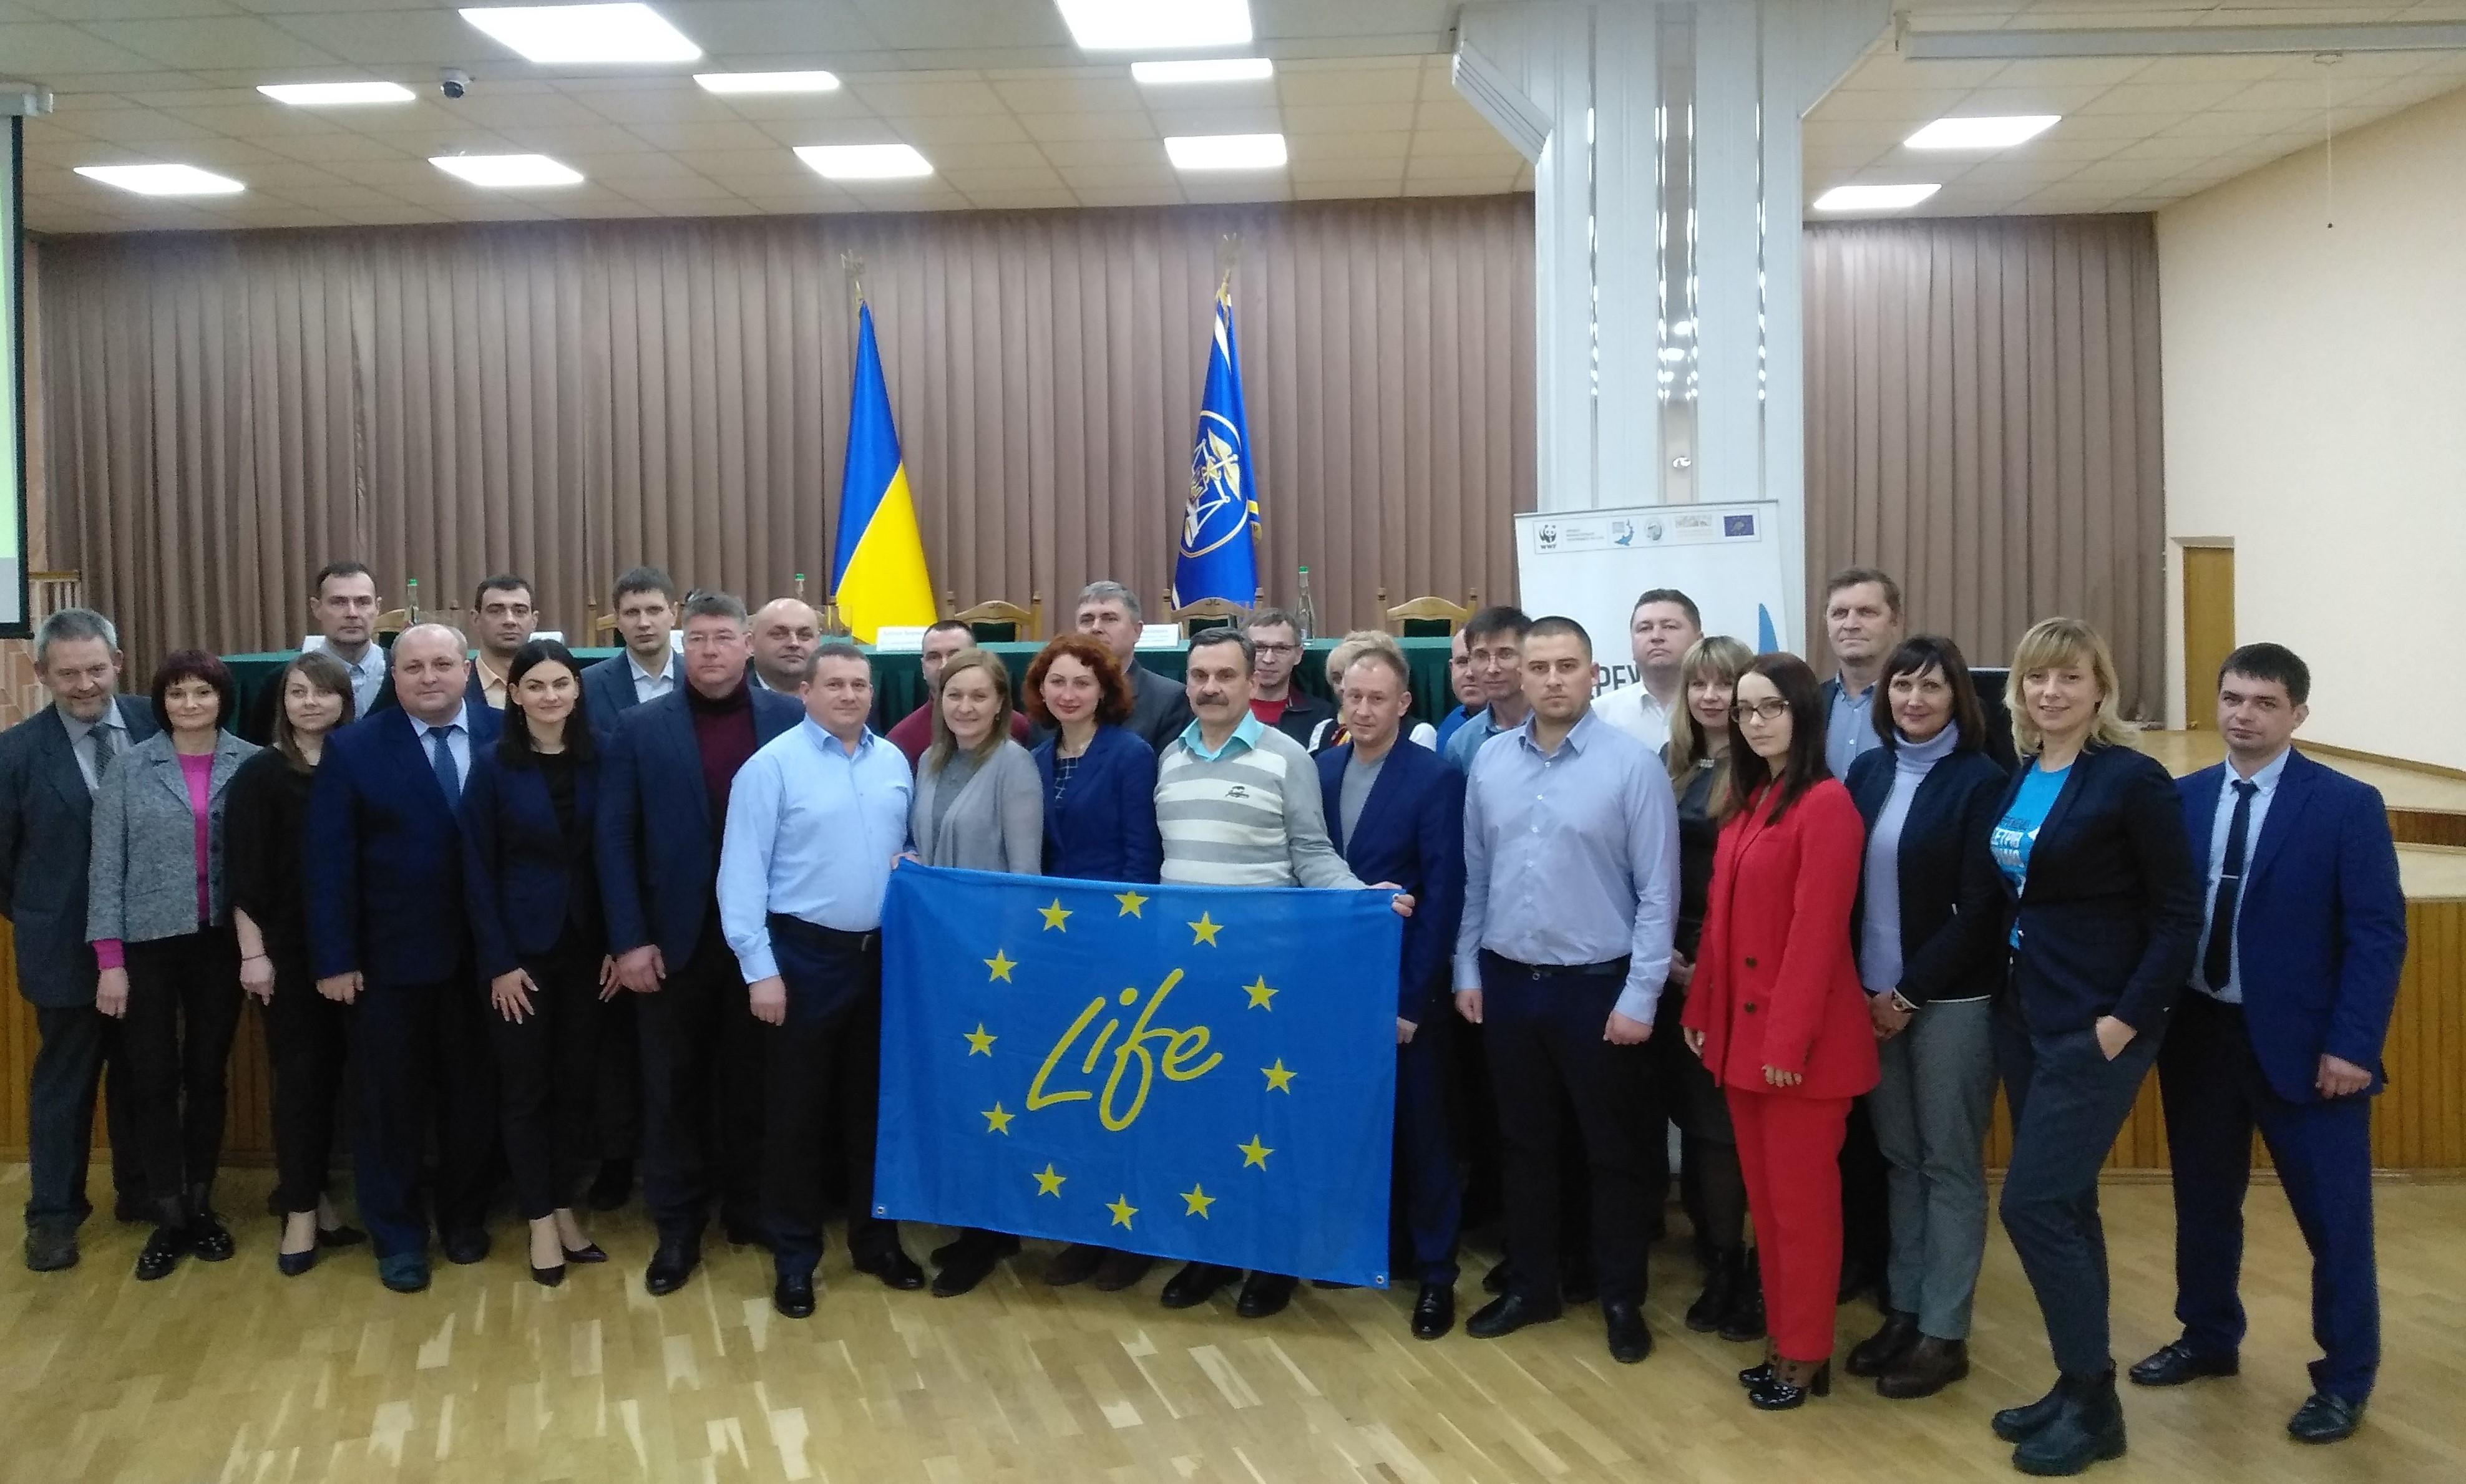 WWF Ucraina a susținut sesiuni de instruire cu autoritățile privind combaterea comerțului ilegal cu sturioni sălbatici